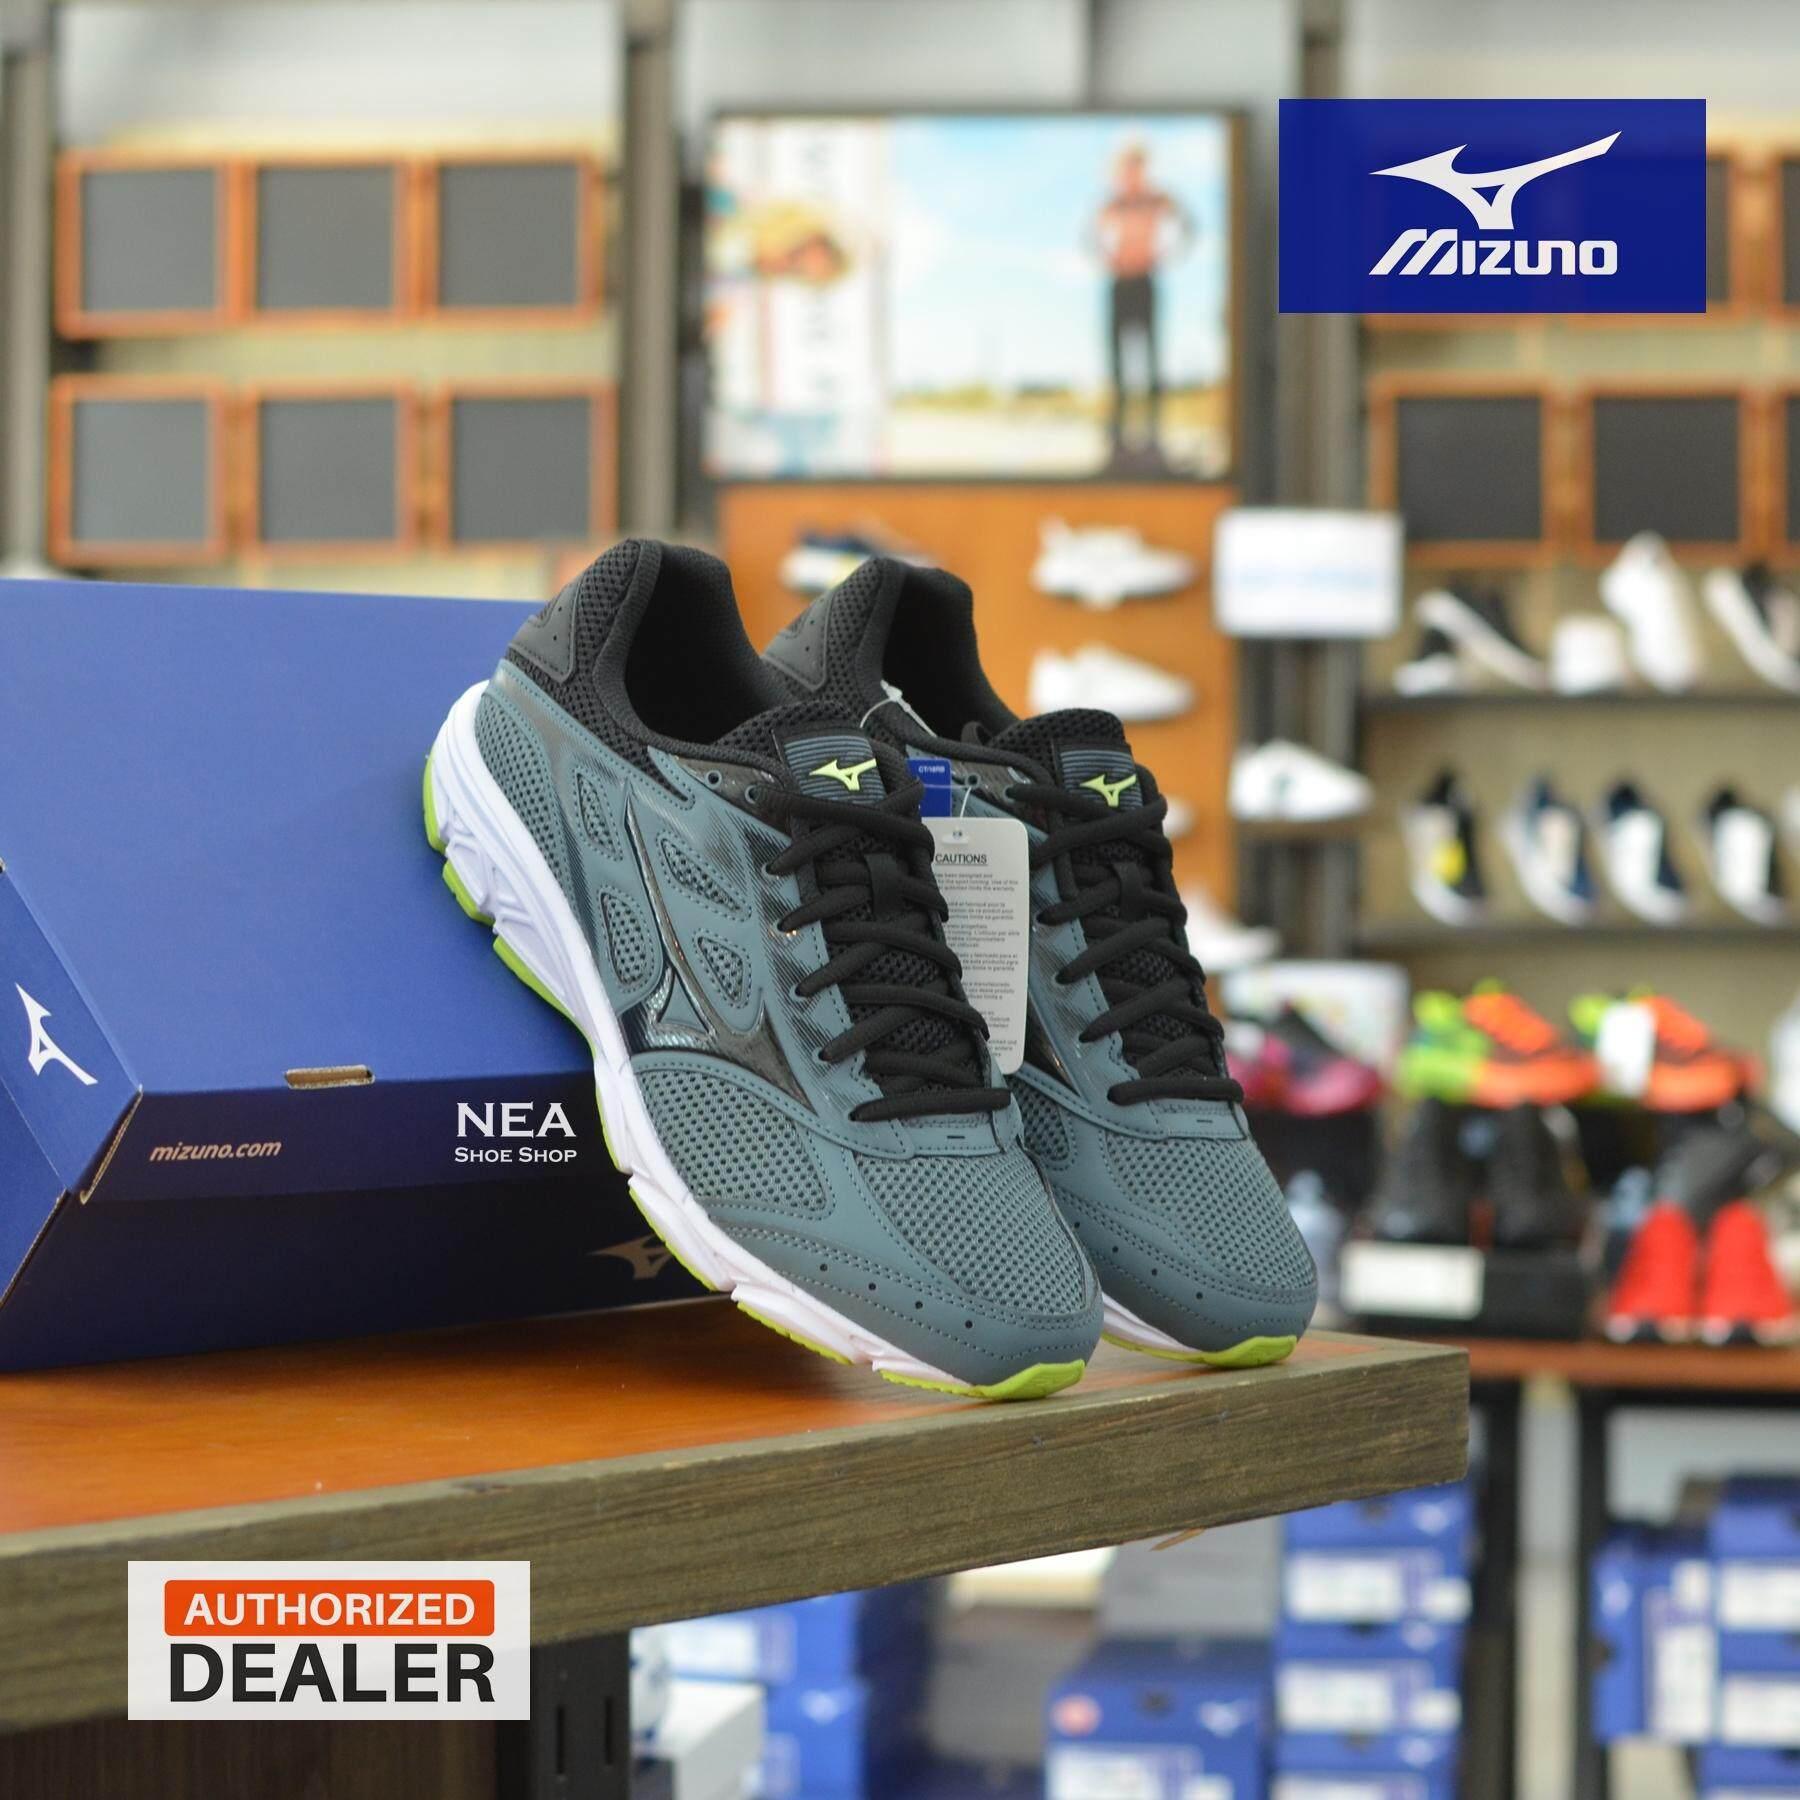 [ลิขสิทธิ์แท้] Mizuno Running Spark 3 รองเท้าวิ่ง มิซูโน่ By Nea Shoe Shop.